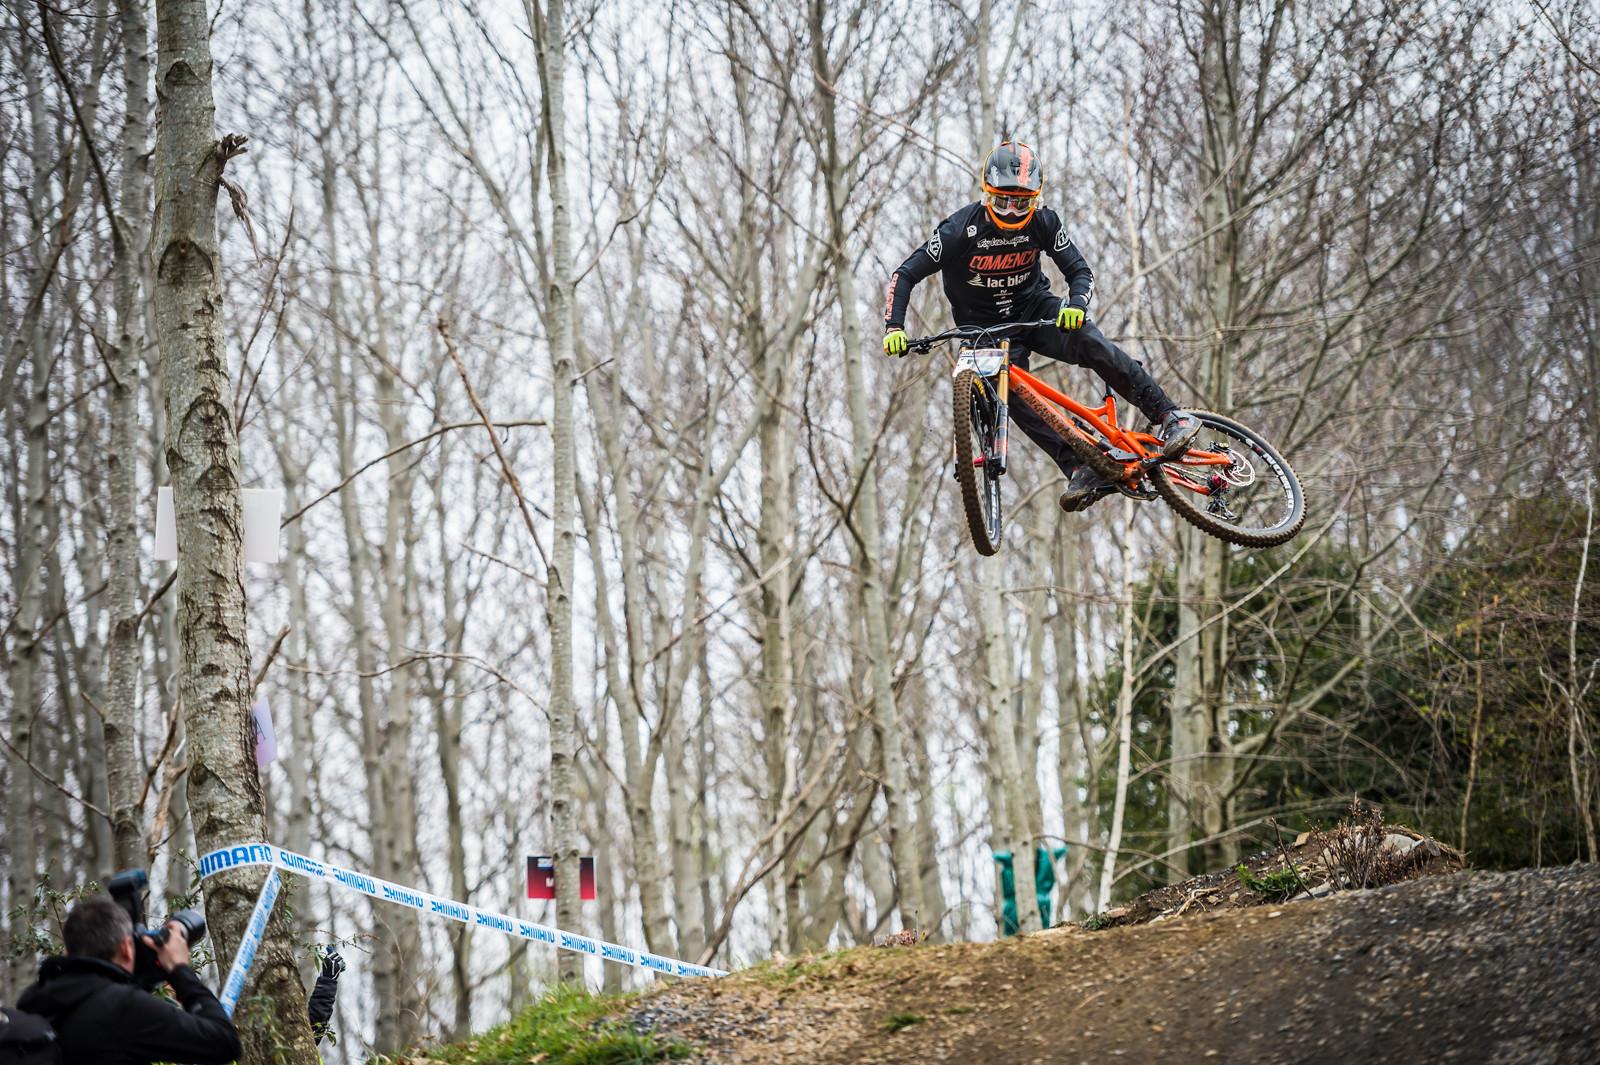 Thomas Estaque - iceman2058 - Mountain Biking Pictures - Vital MTB